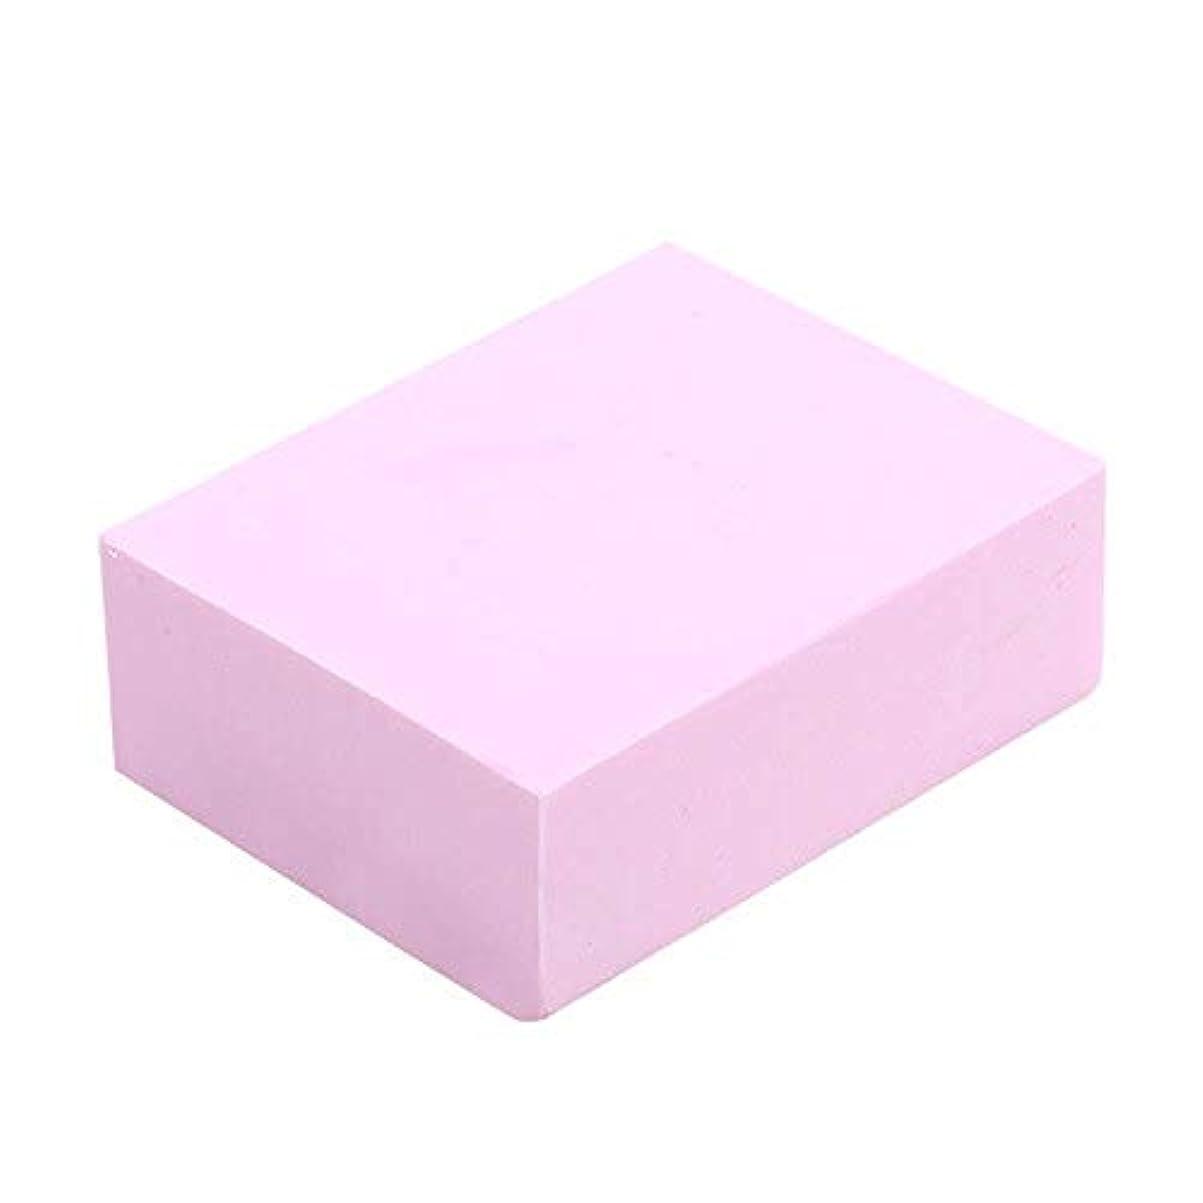 ビンサバント喜ぶBaby Scrub Sponge Scrub Artifact Adults and Children Do Not Hurt The Skin Soft Scrub (Pink)